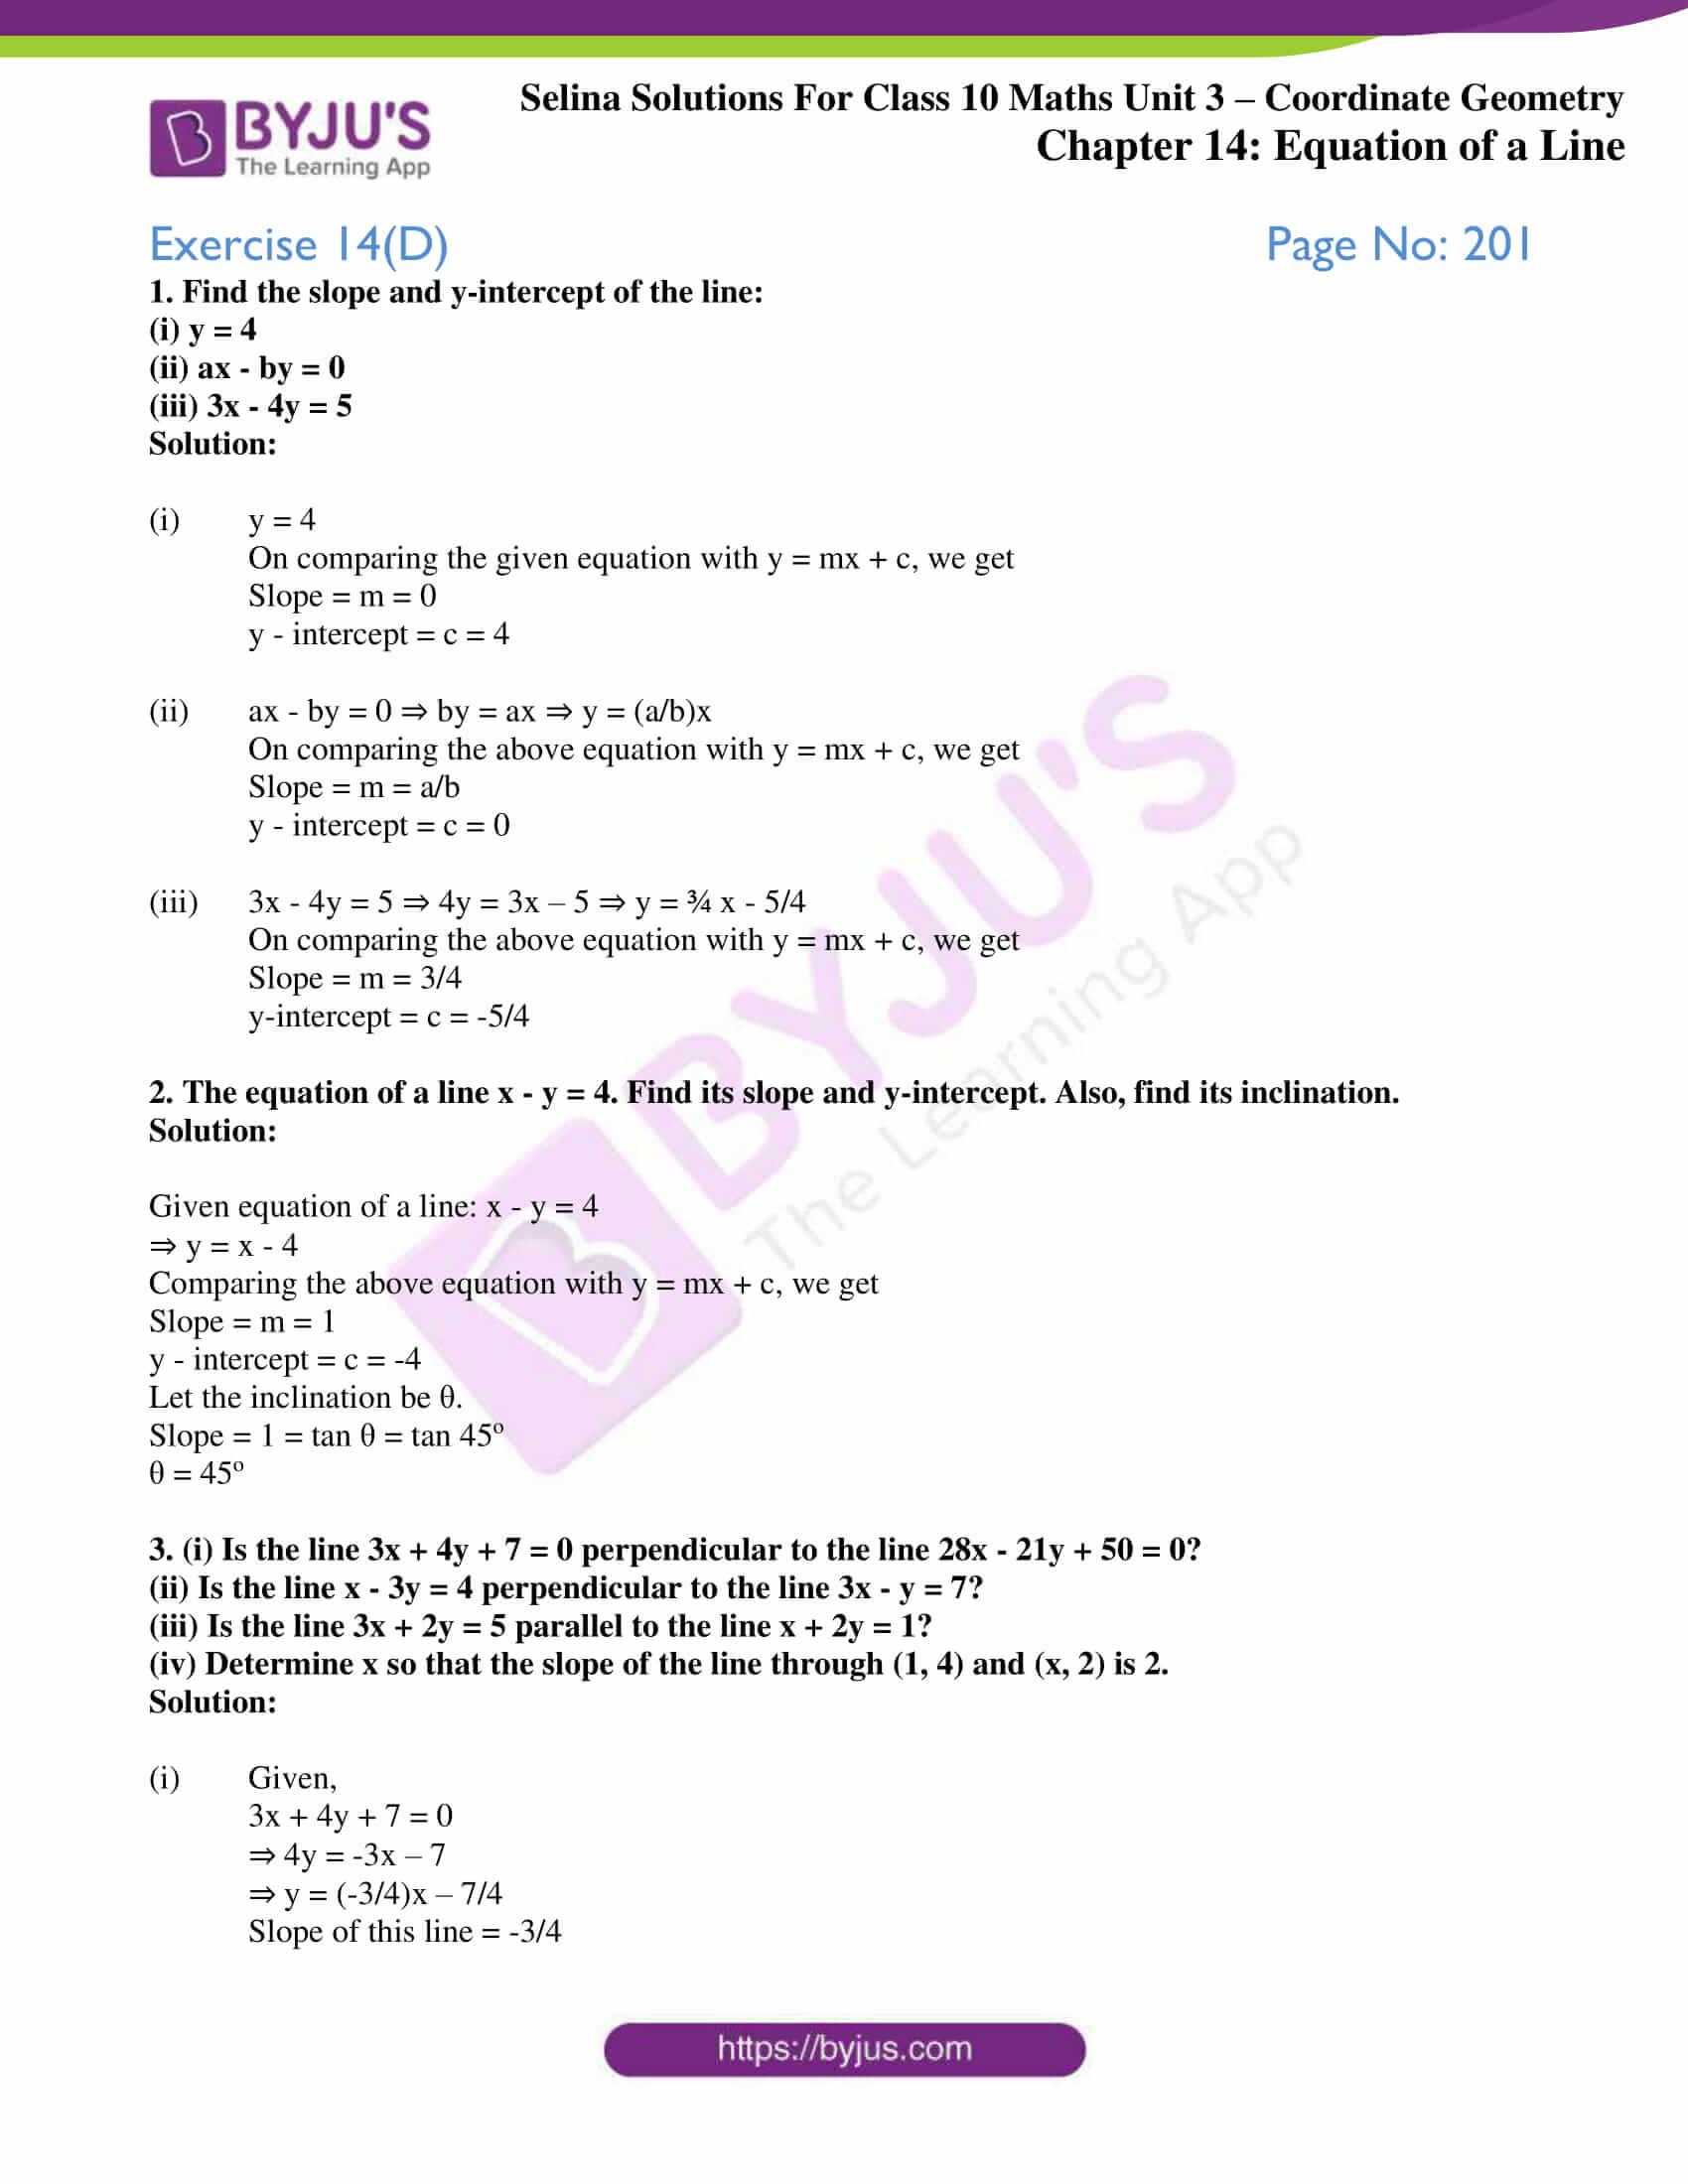 selina-sol-maths-class-10-ch-14-ex-d-1